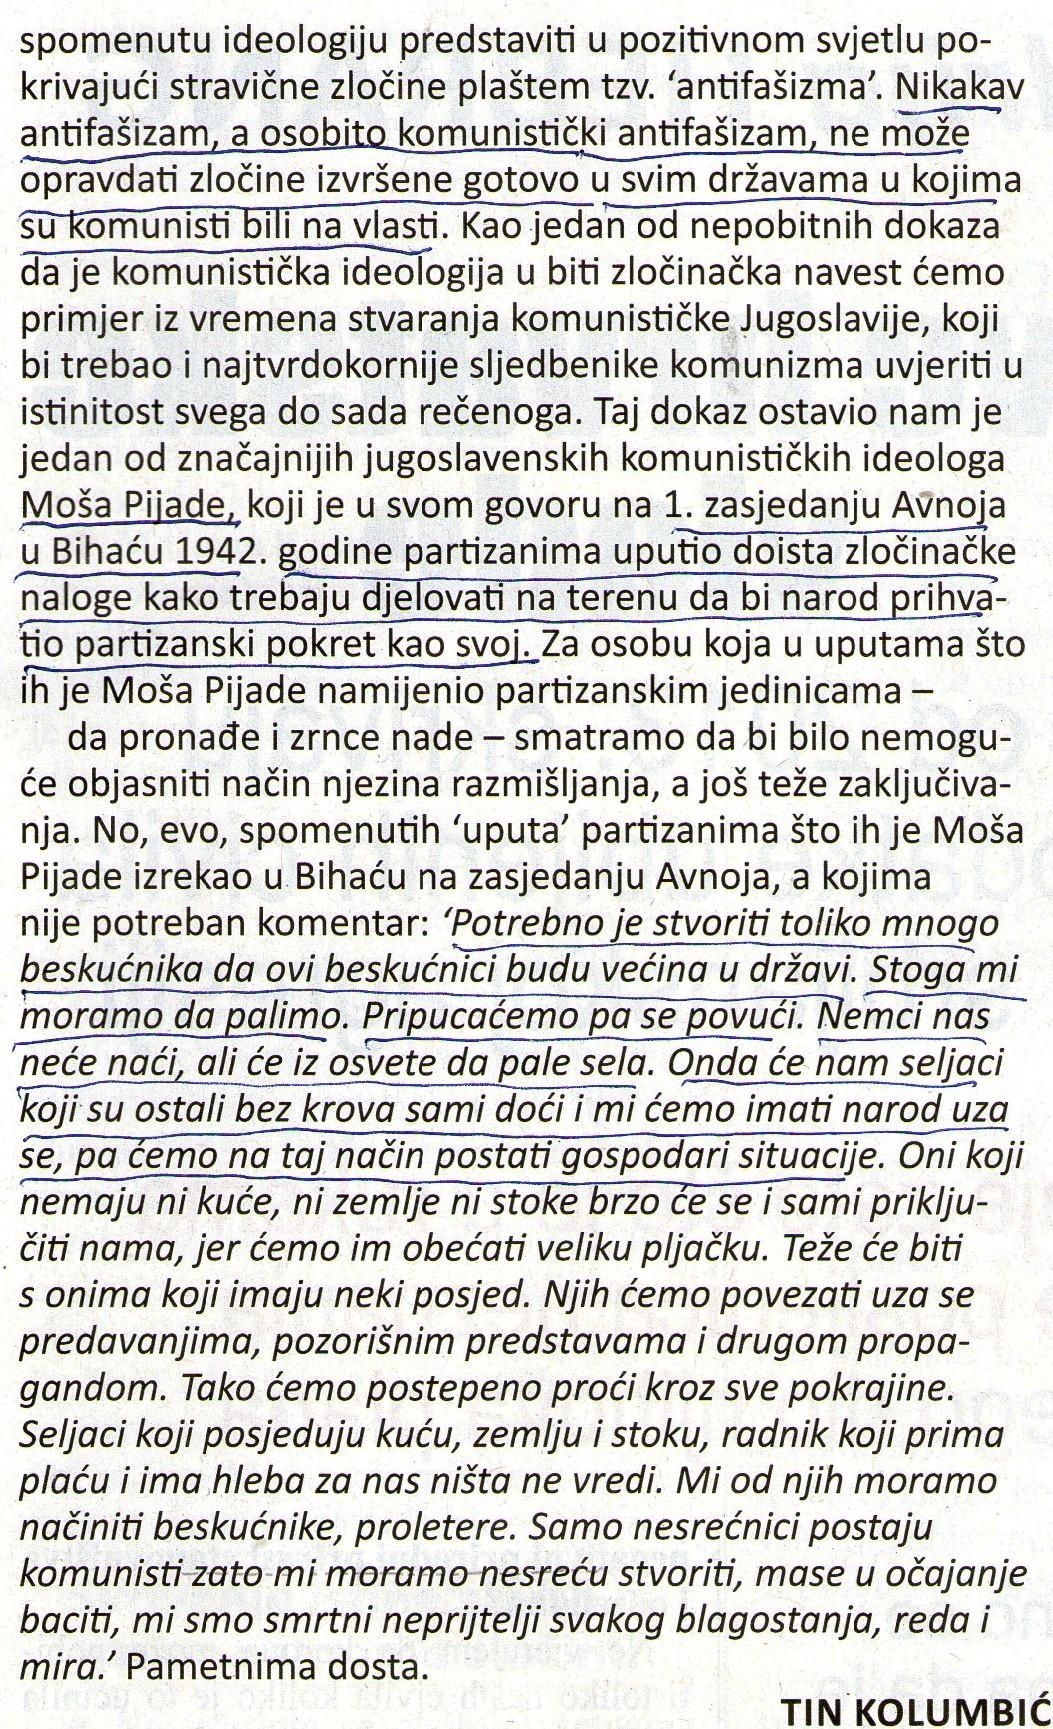 ZAGREB-ili-TITOGRAD-3